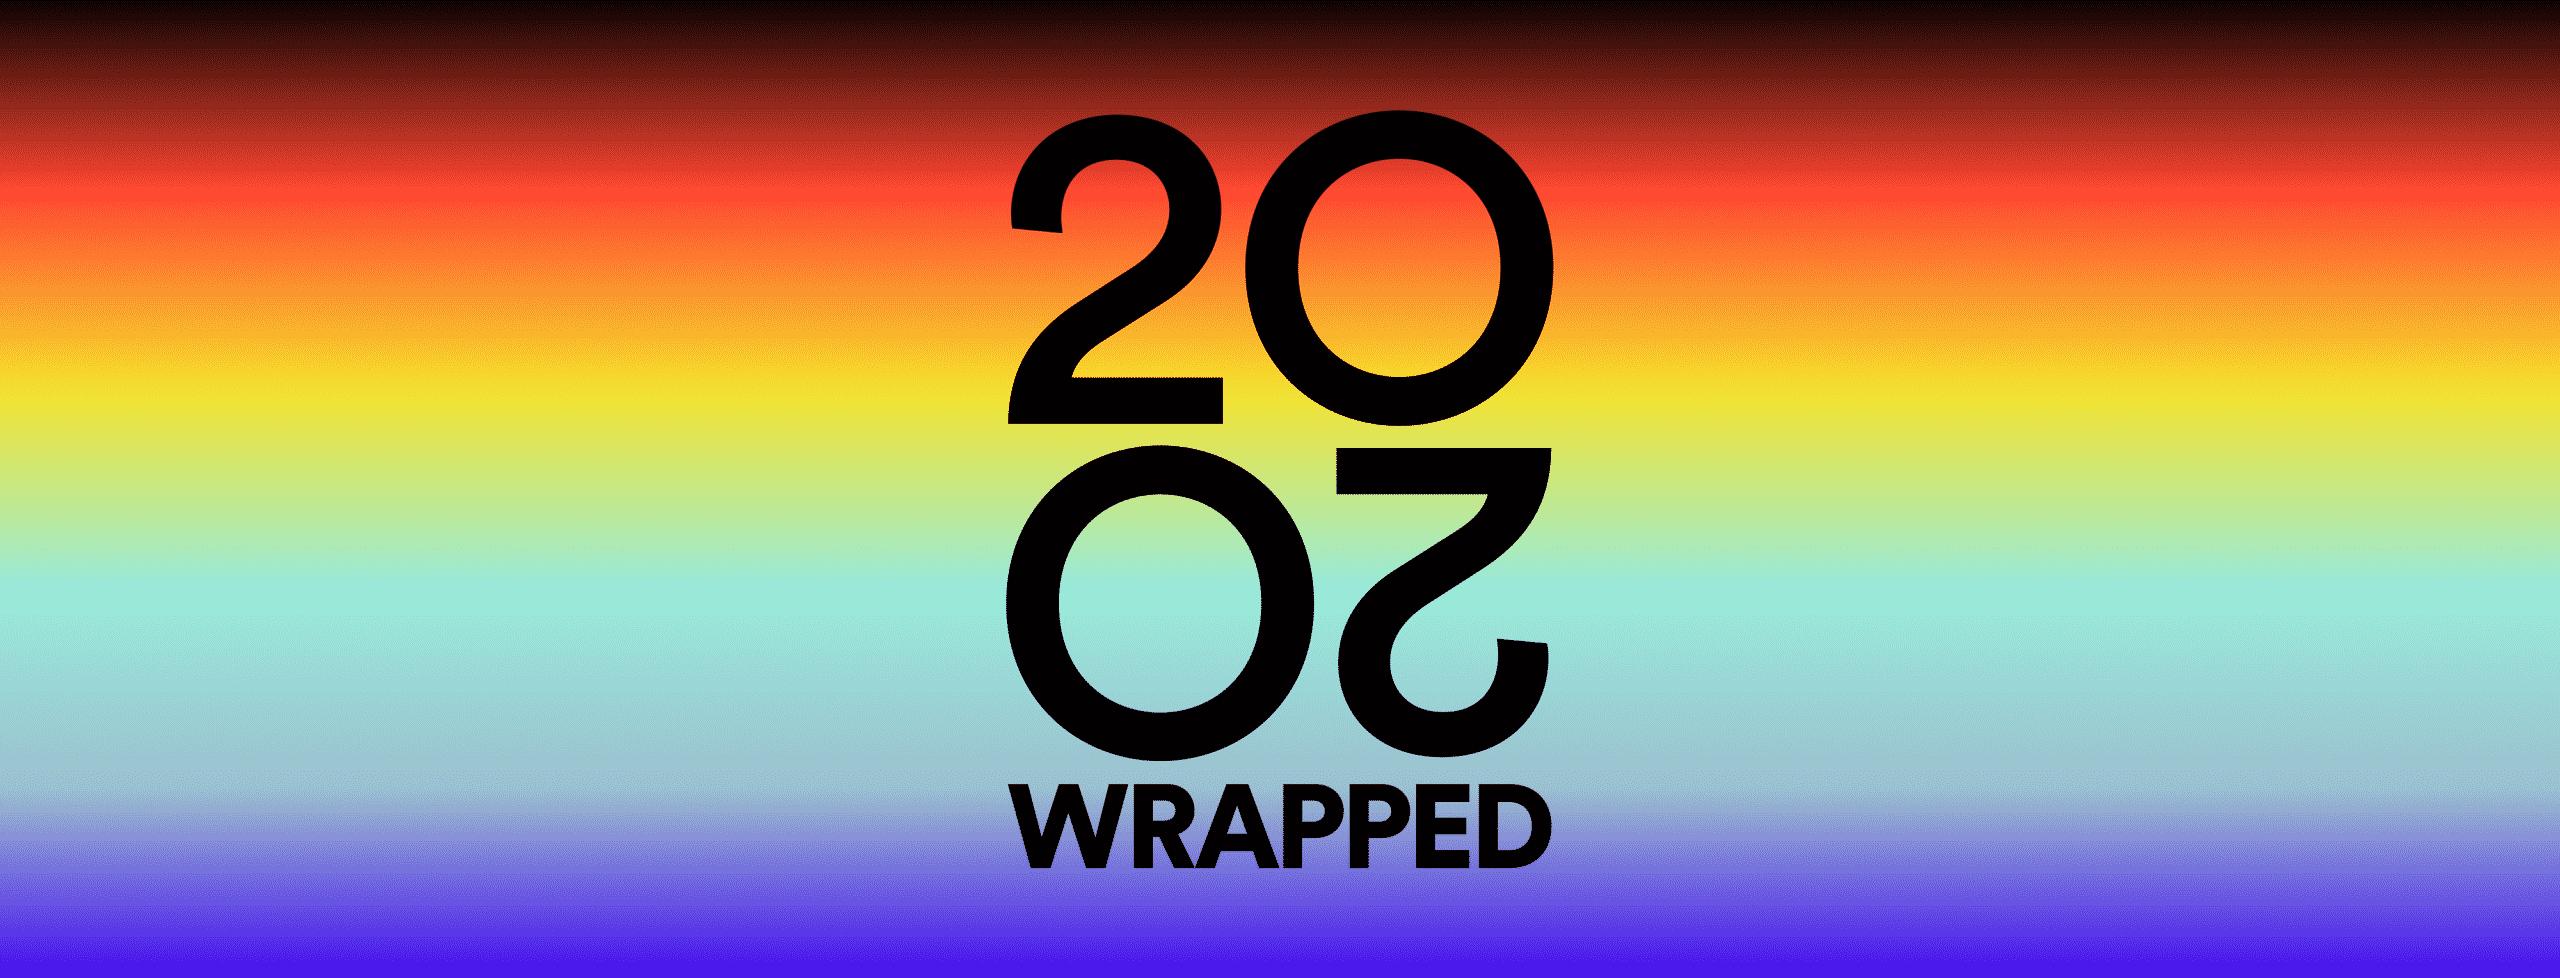 Spotify svela la musica più ascoltata del 2020 - Metropolitan Magazine